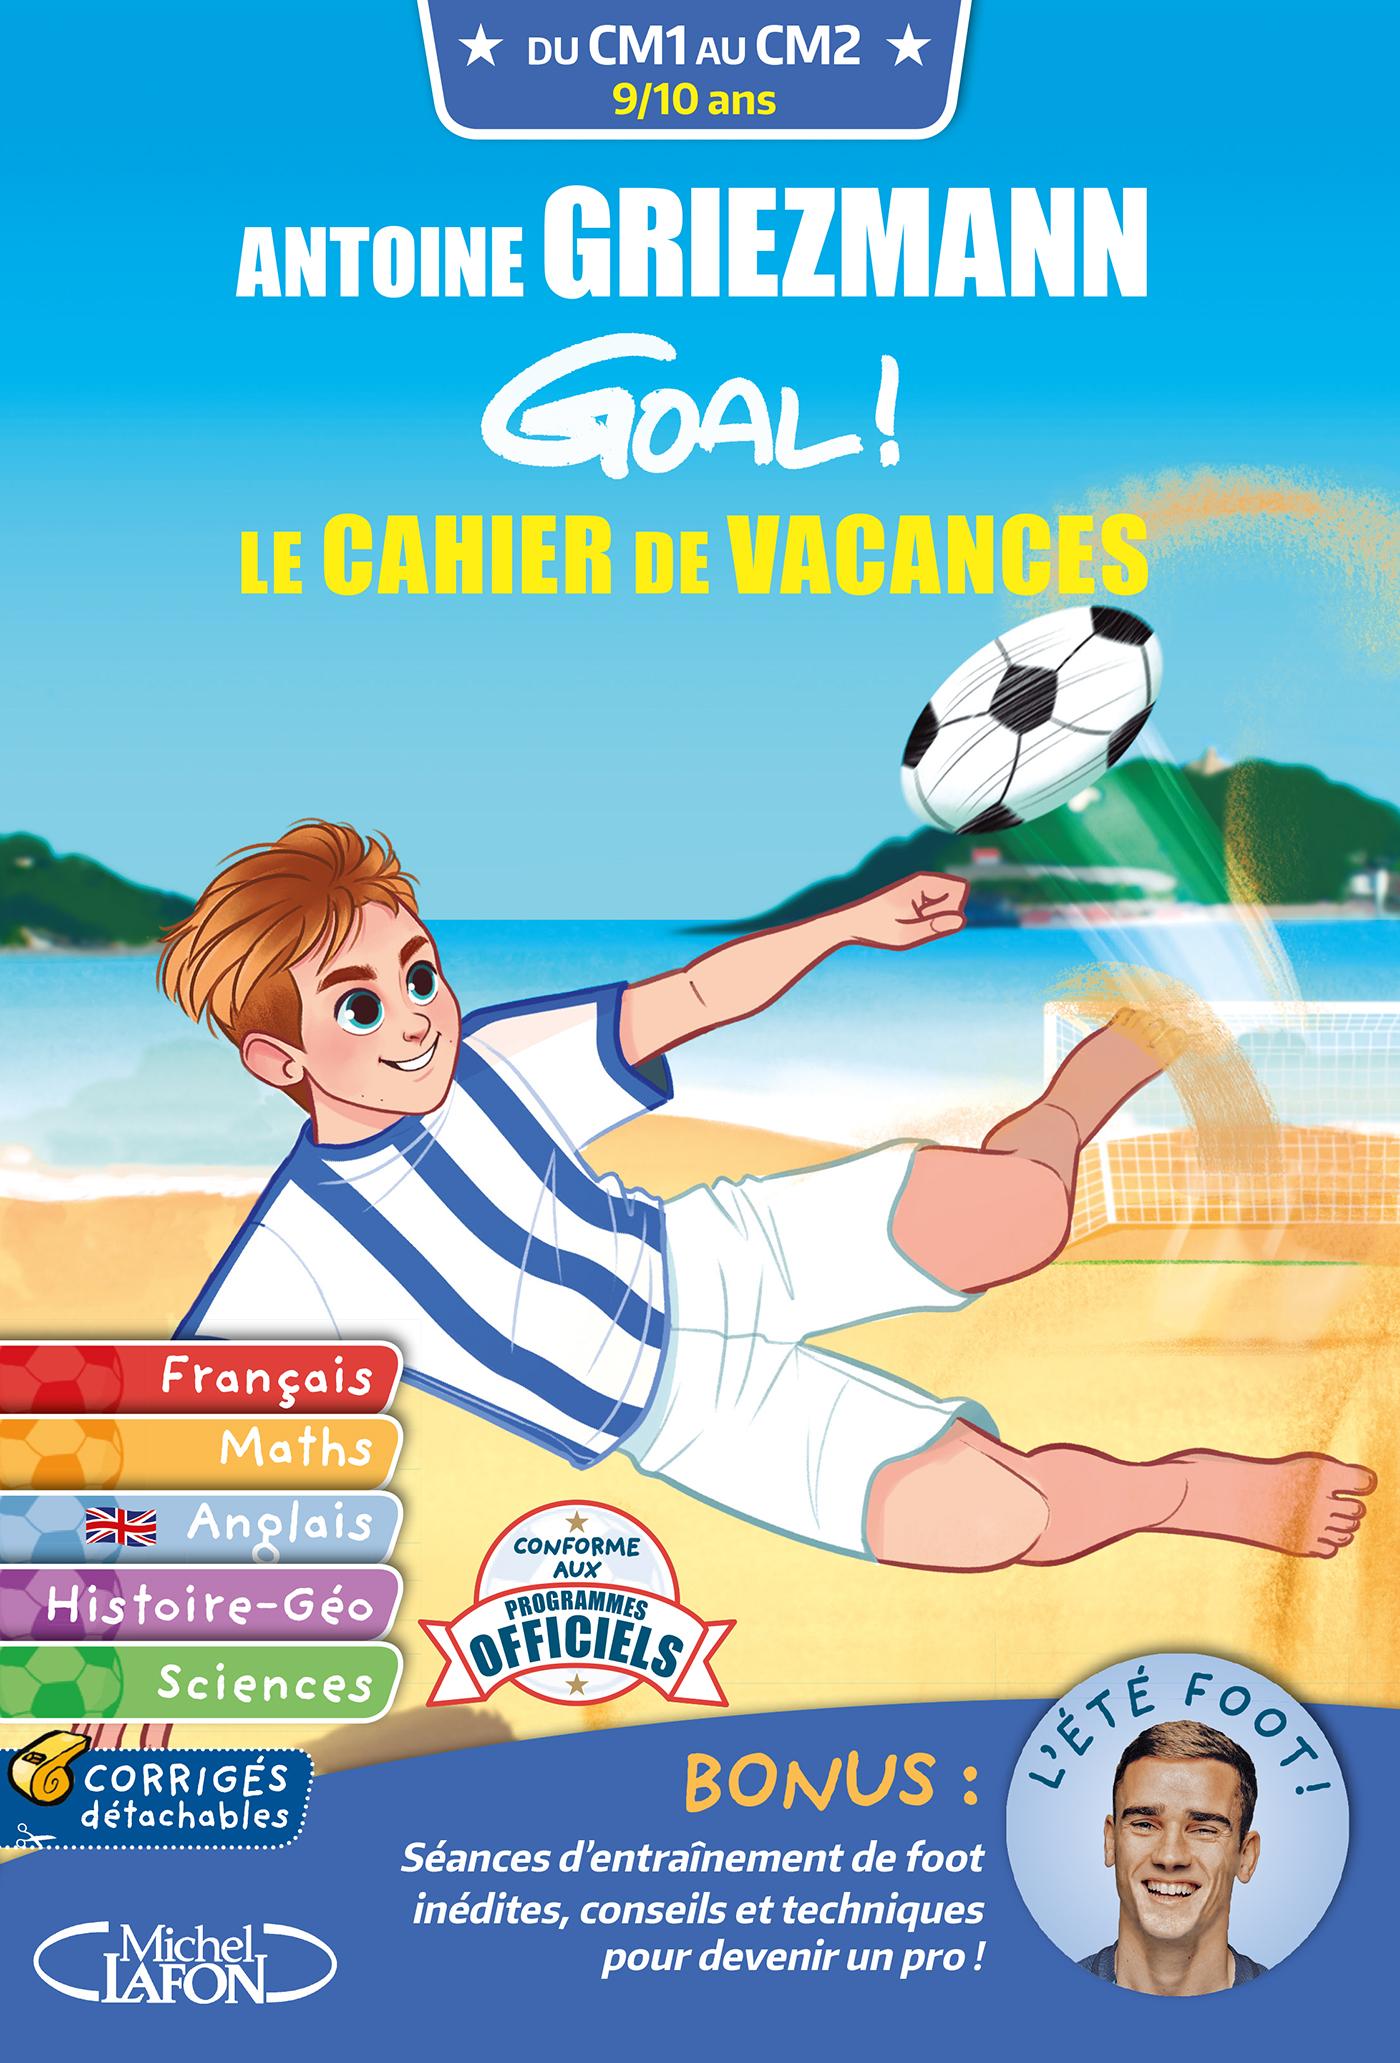 GOAL ! – LE CAHIER DE VACANCES DU CM1 AU CM2